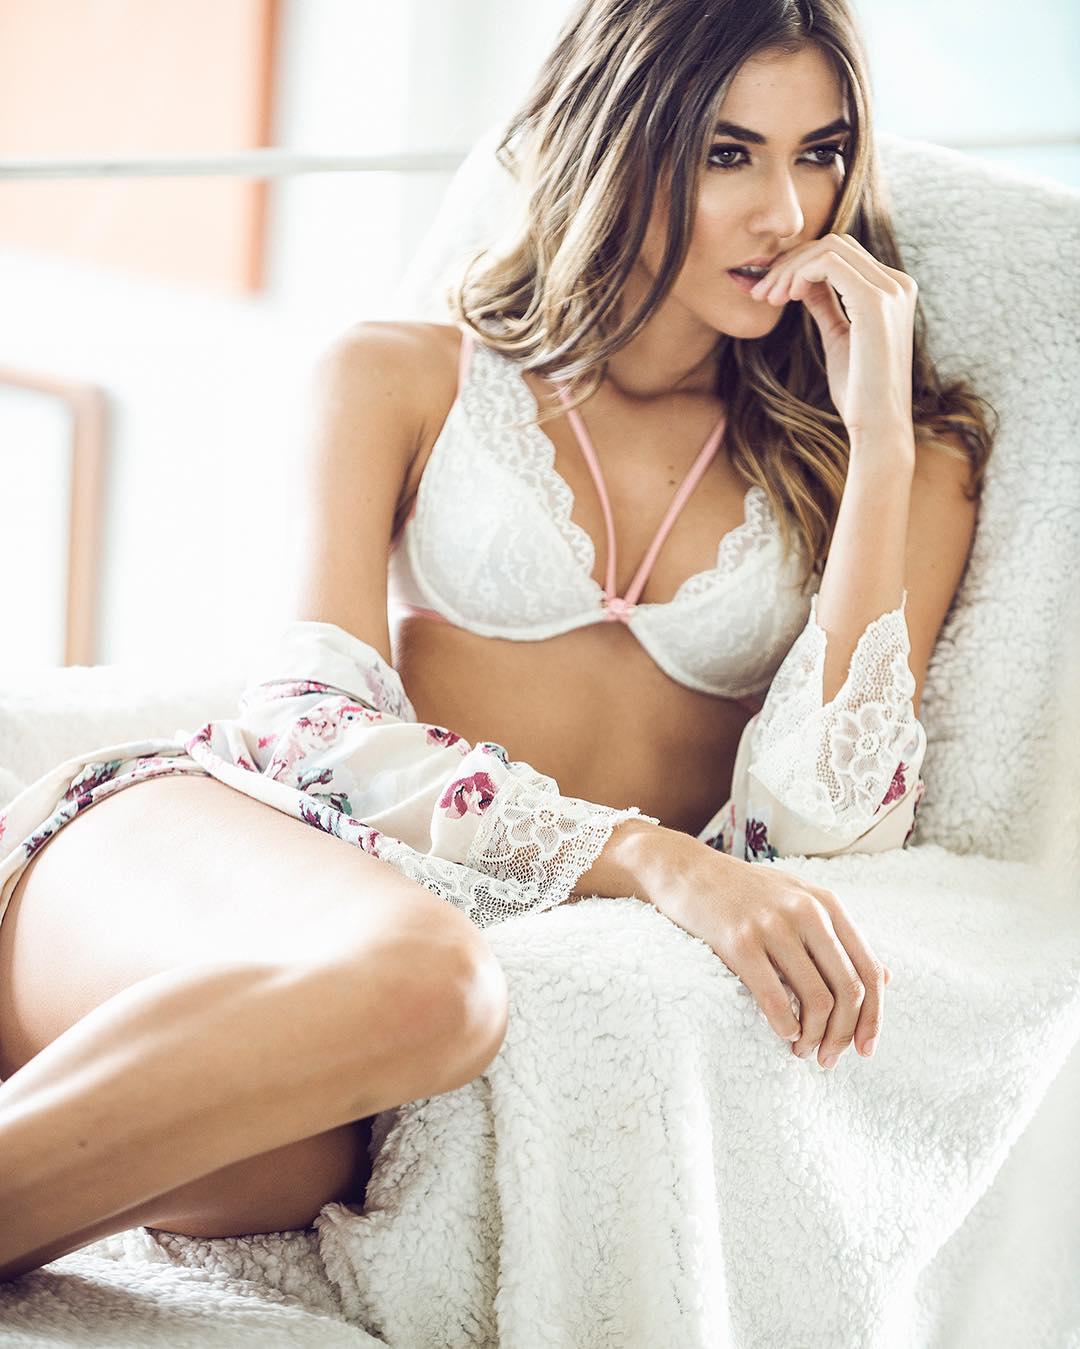 Marly Velasquez photos